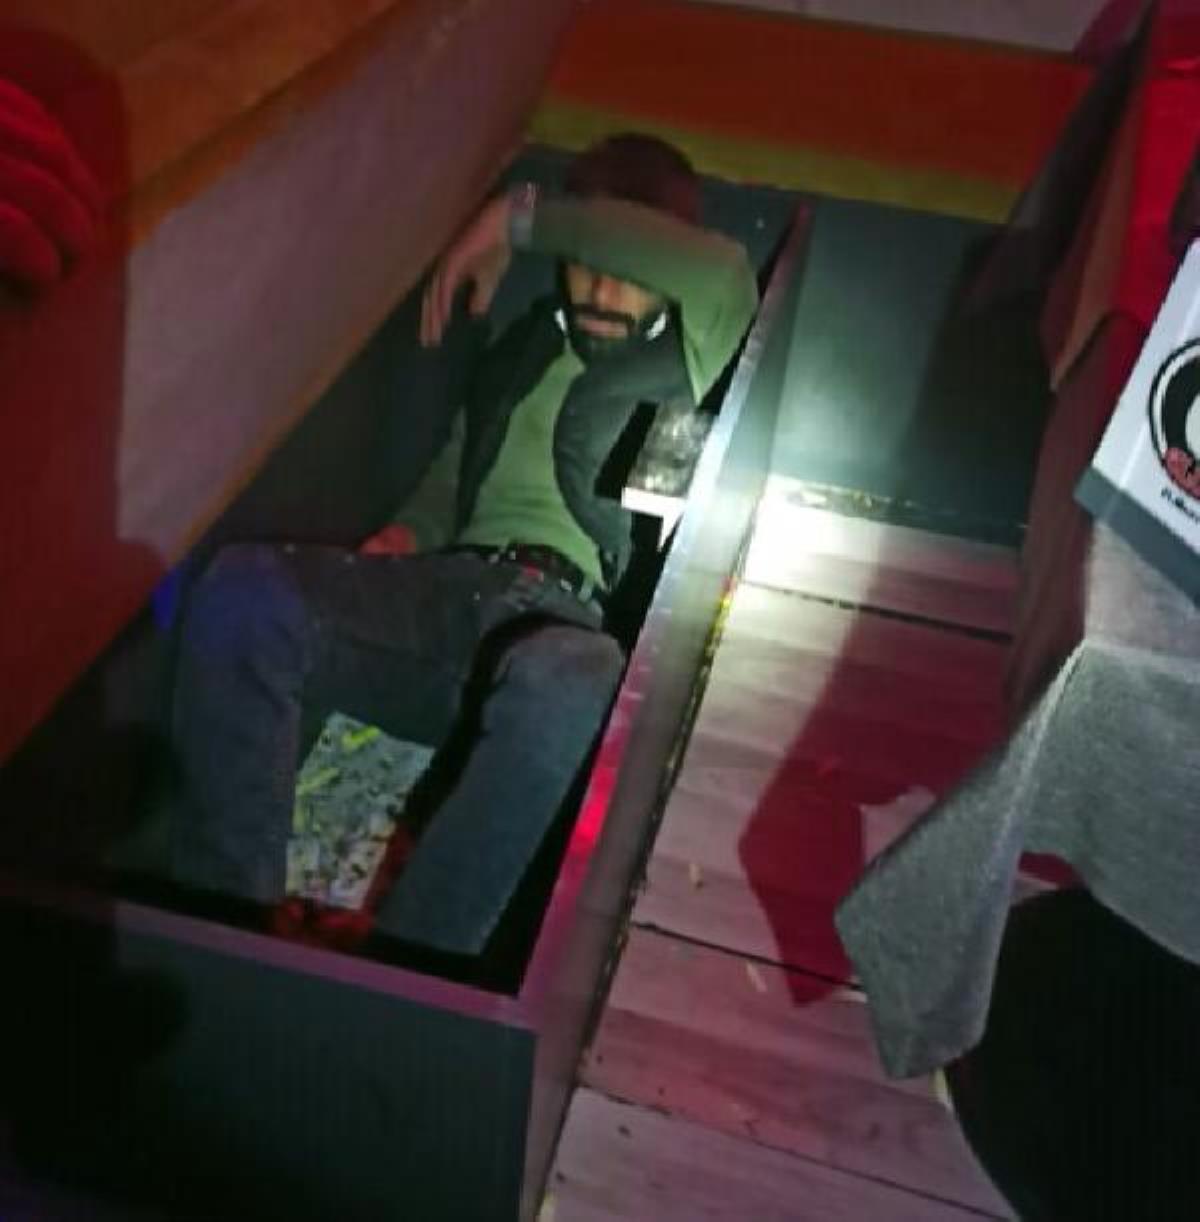 Son dakika haberi... Eğlence mekanında kanepe ve dolaba saklanırken yakalandılar